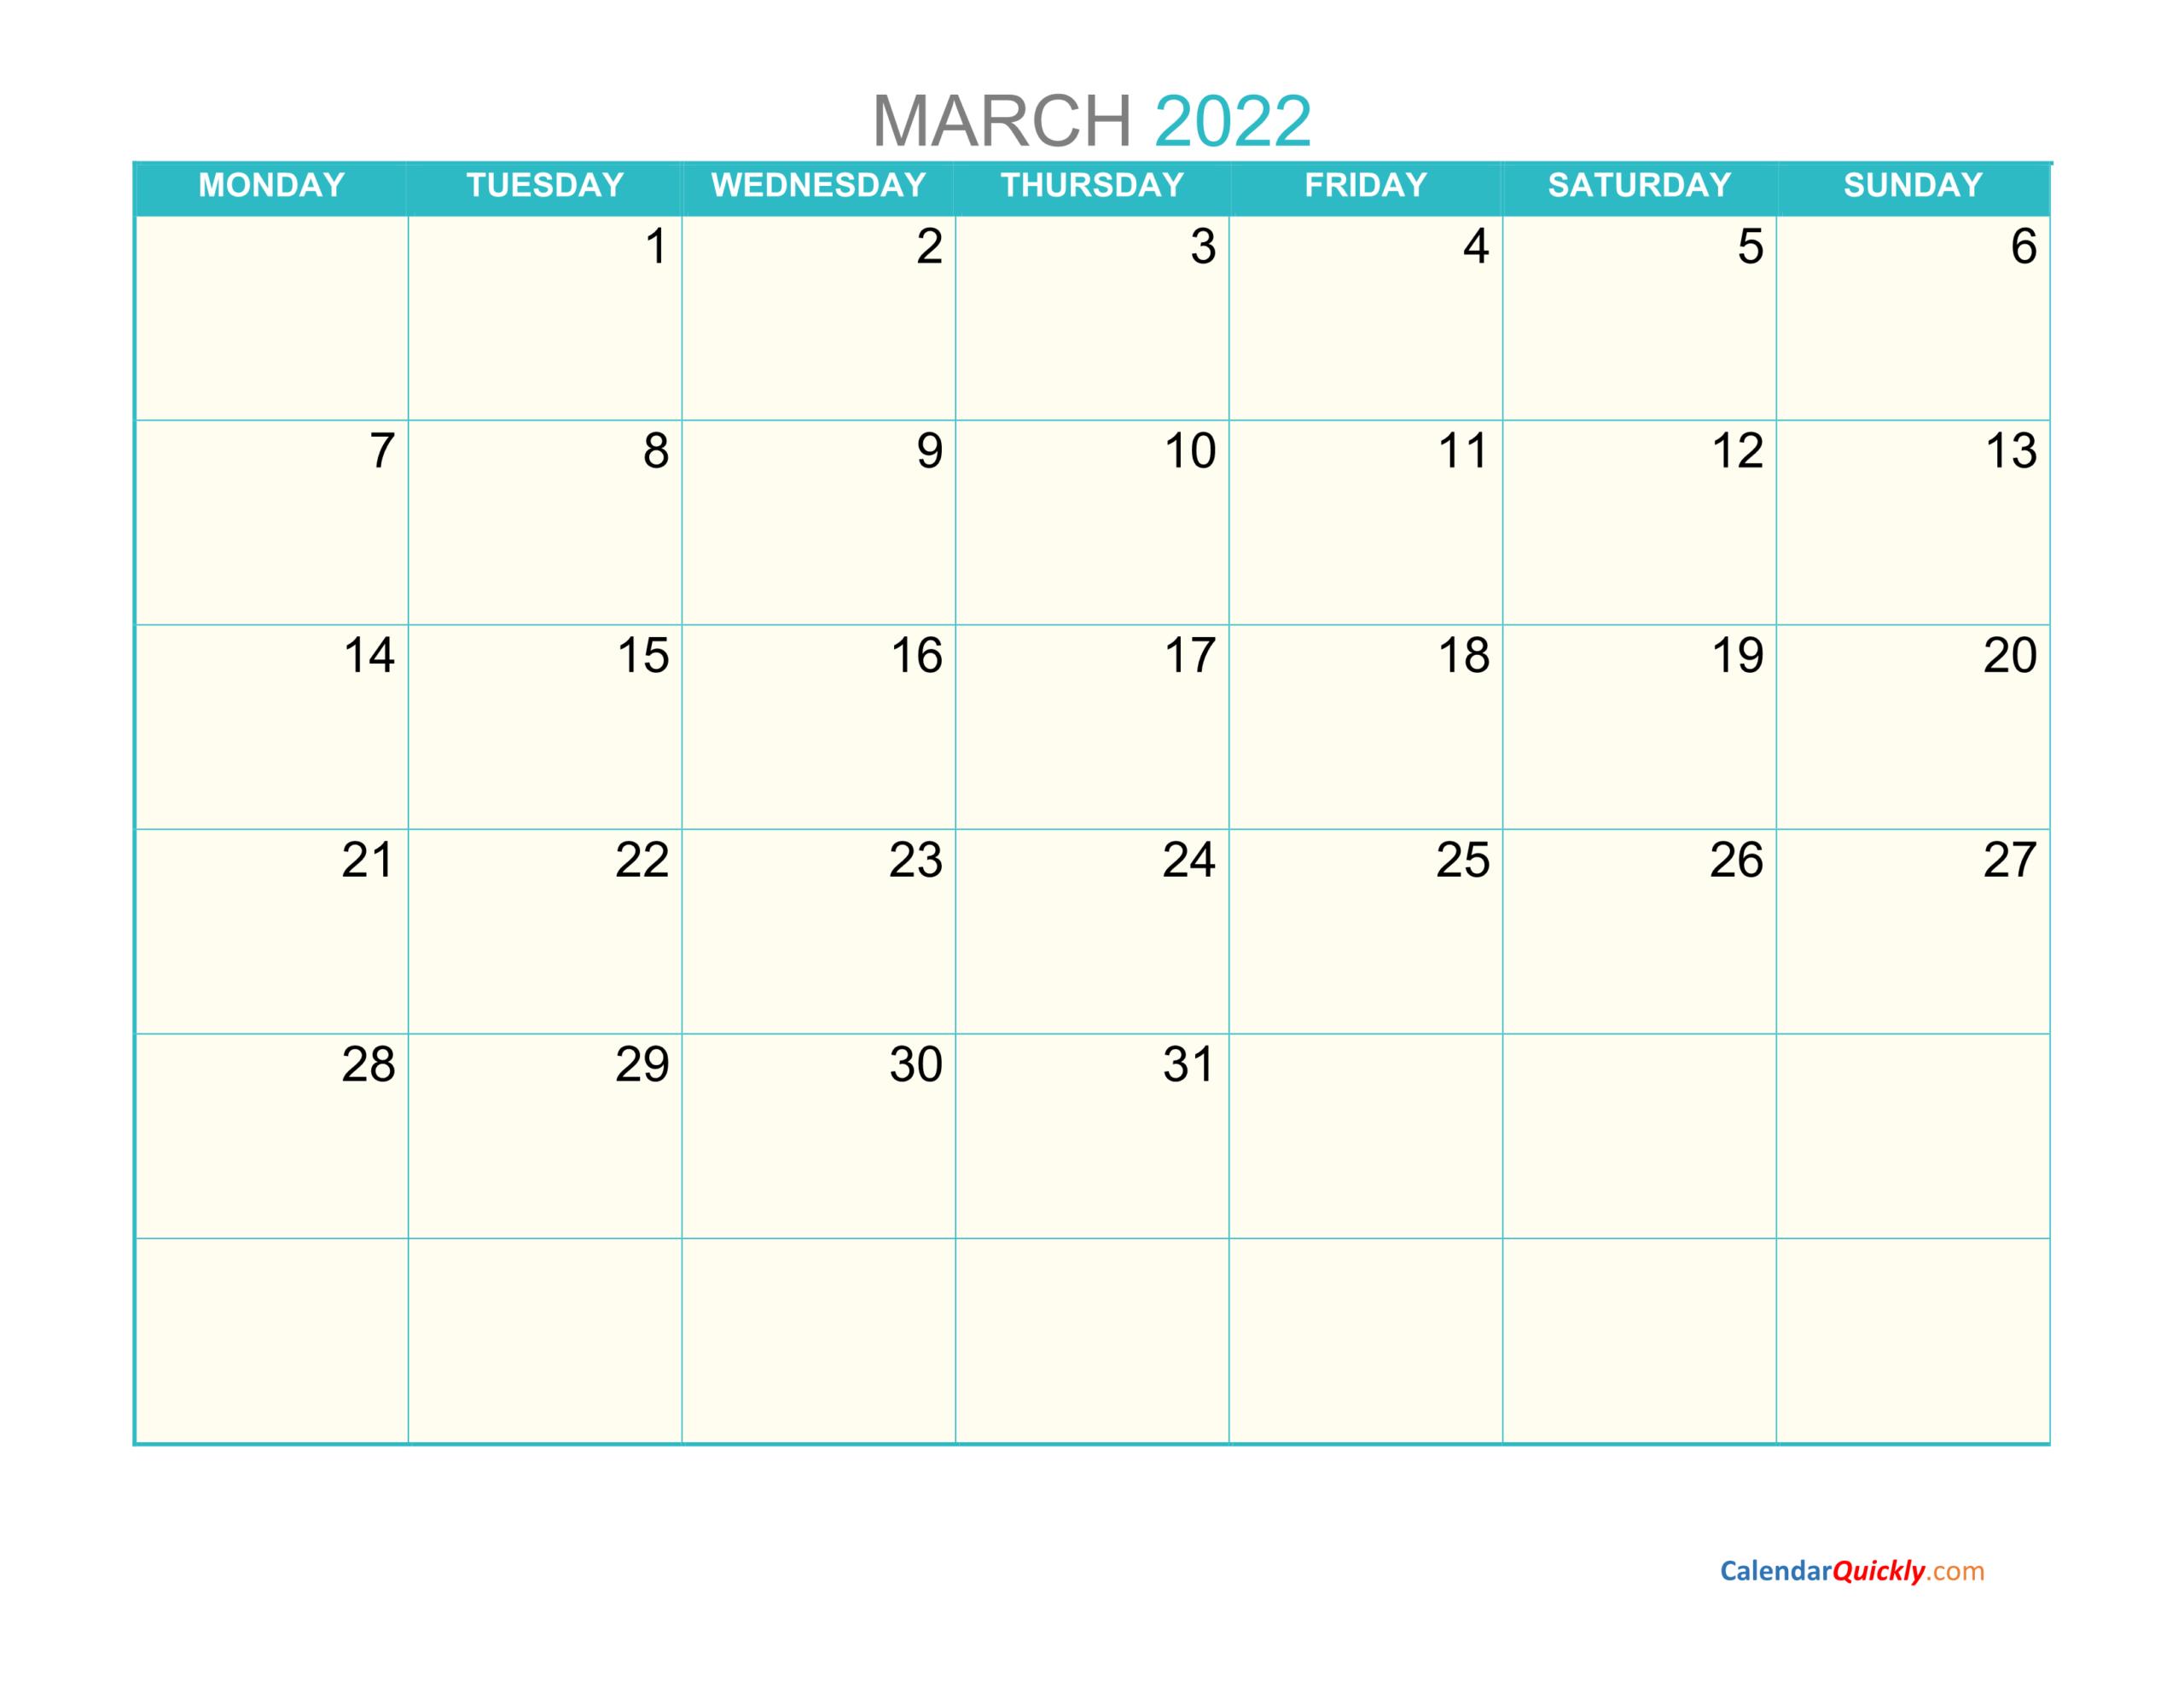 March Monday 2022 Calendar Printable | Calendar Quickly throughout March 2022 Calendar Template Image